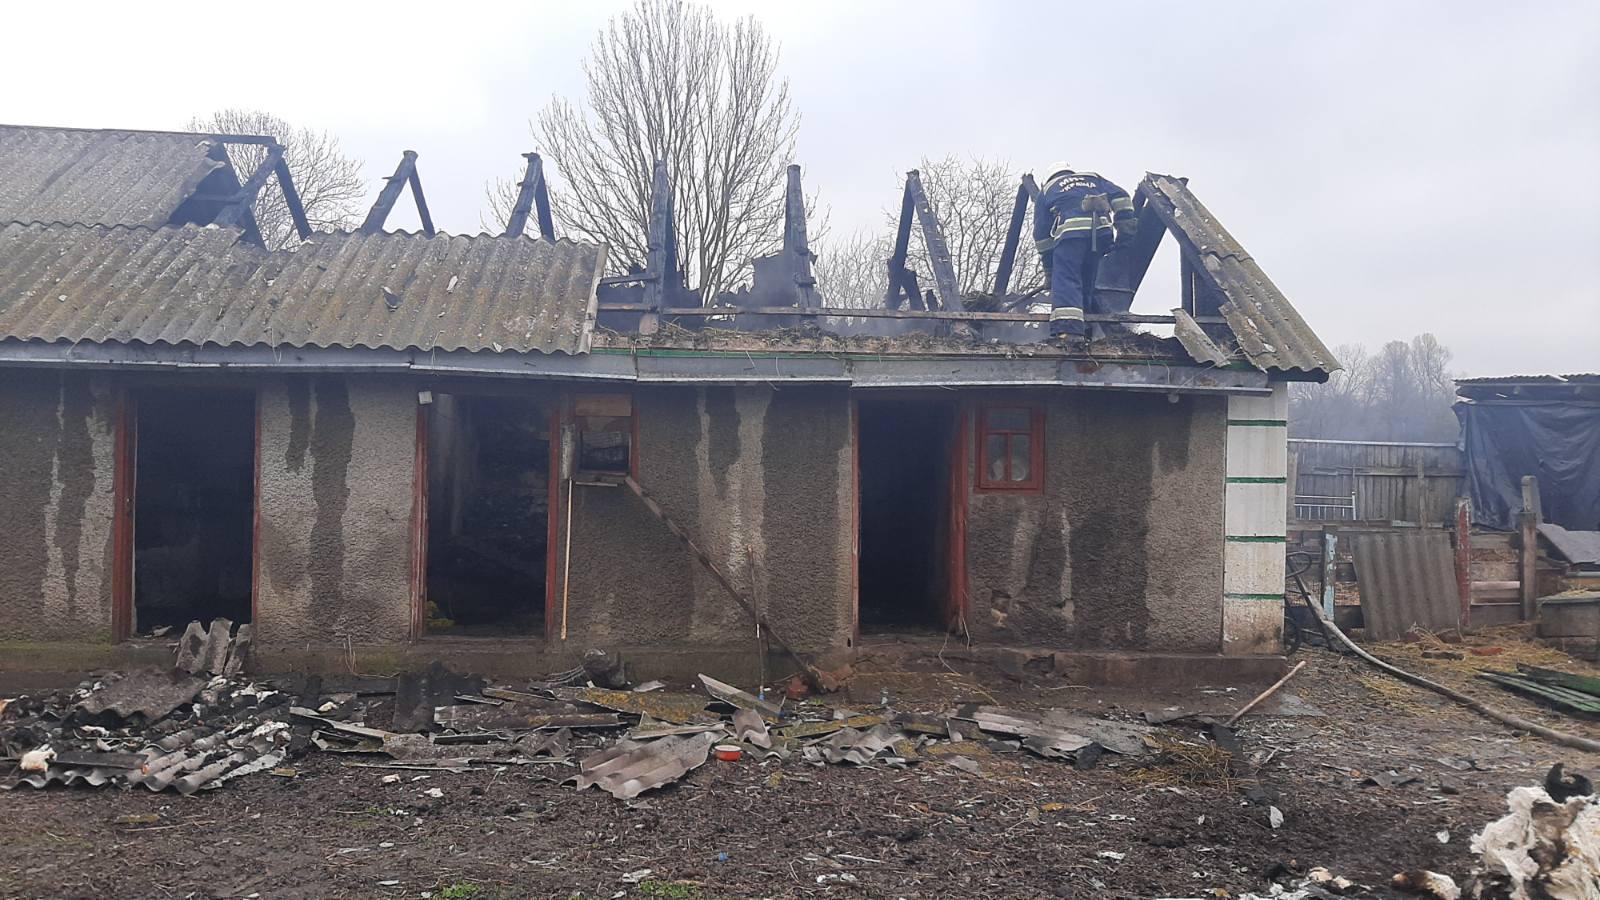 Сьогодні зранку на Хмільниччині палала господарська будівля